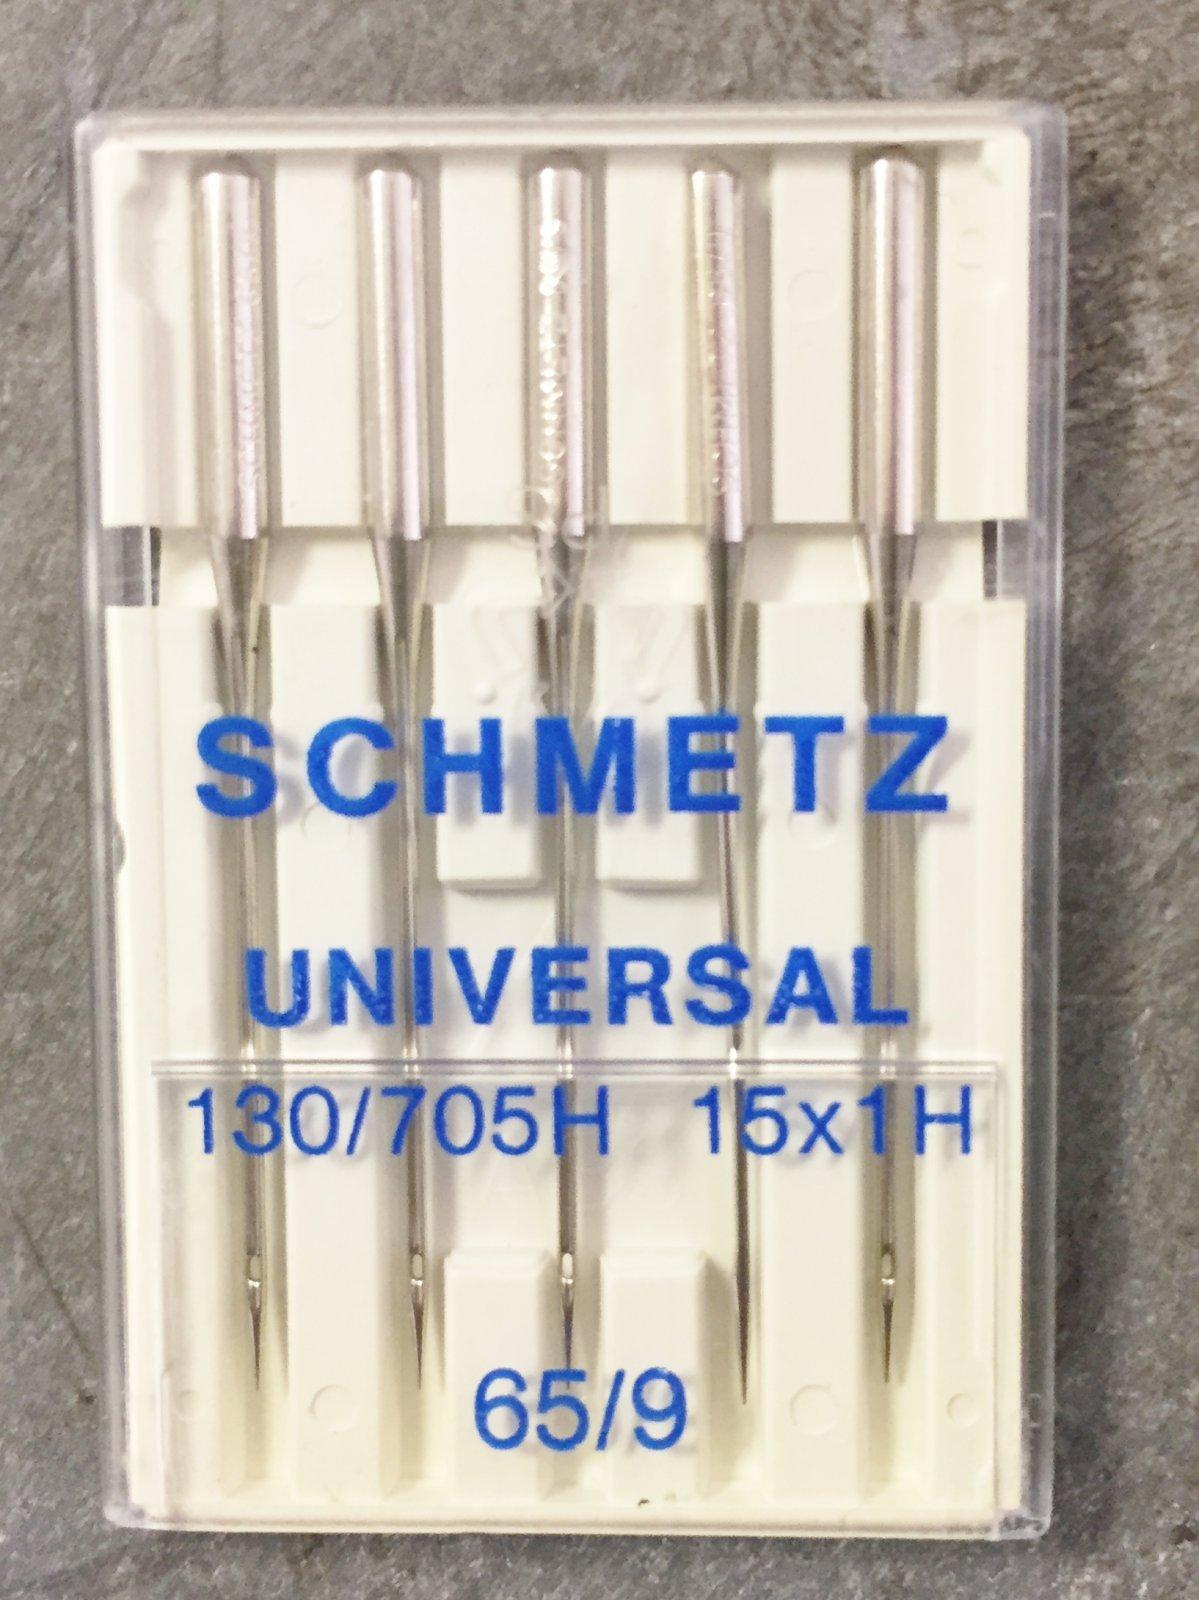 65/9  UNIVERSAL SCHMETZ